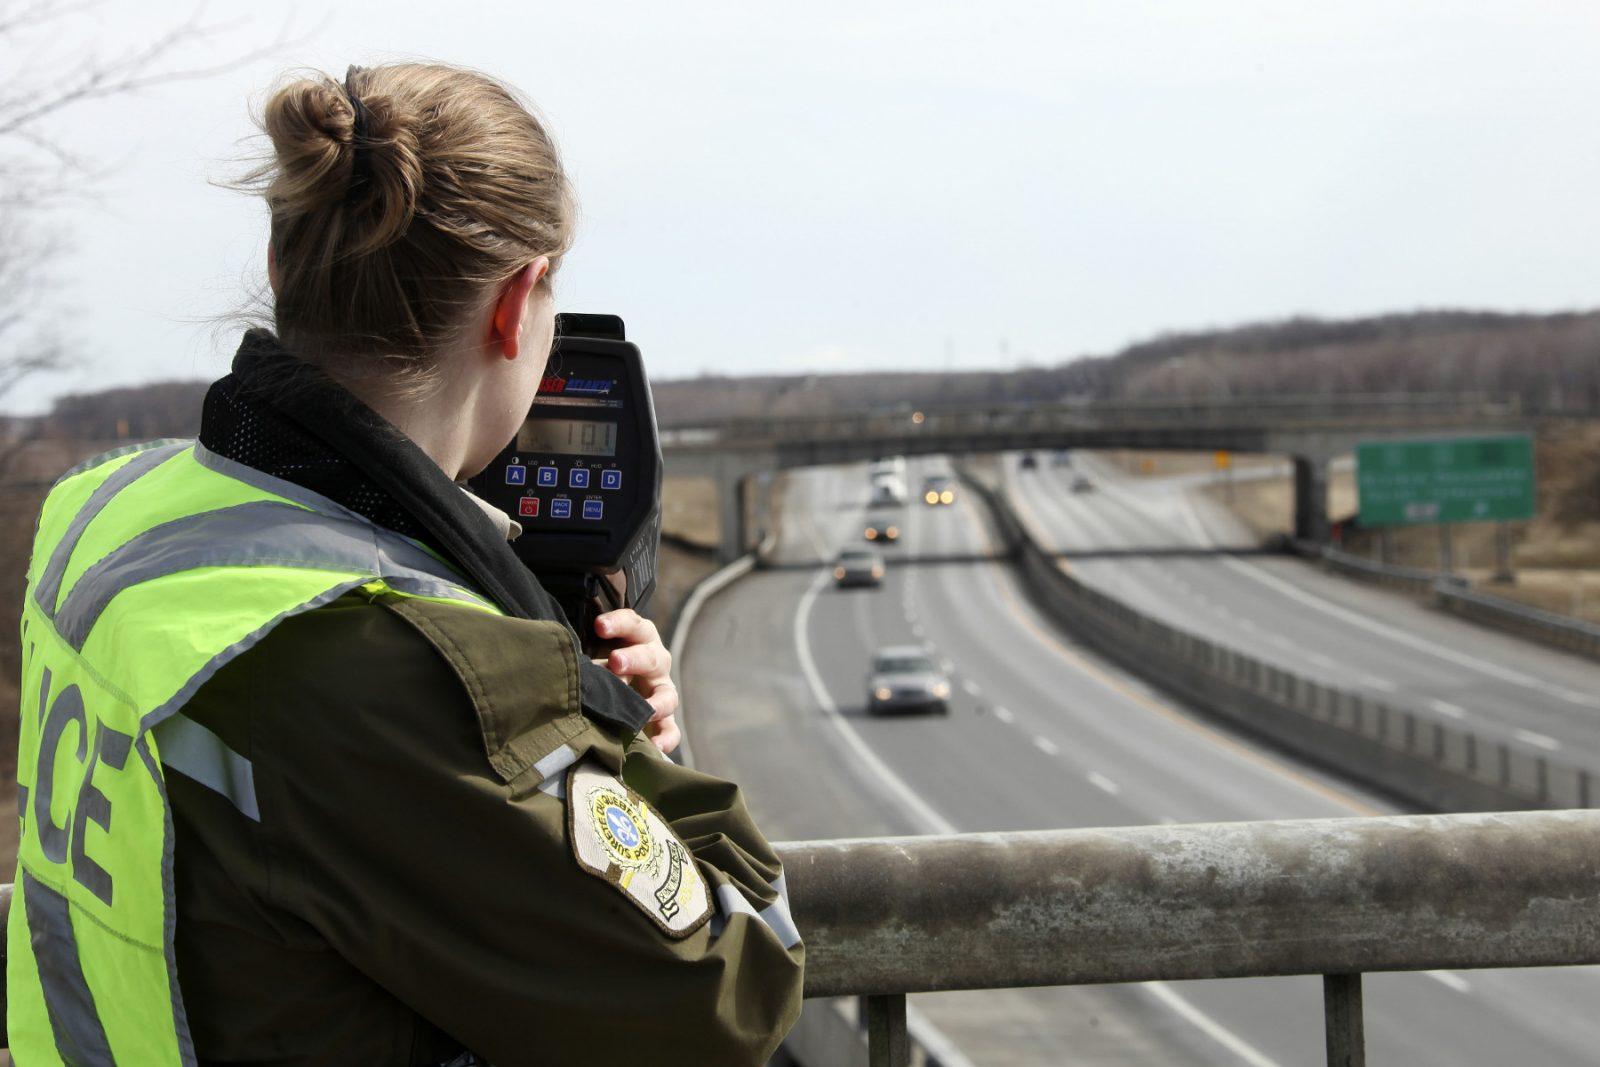 Excès de vitesse : les policiers ont émis 70 contraventions